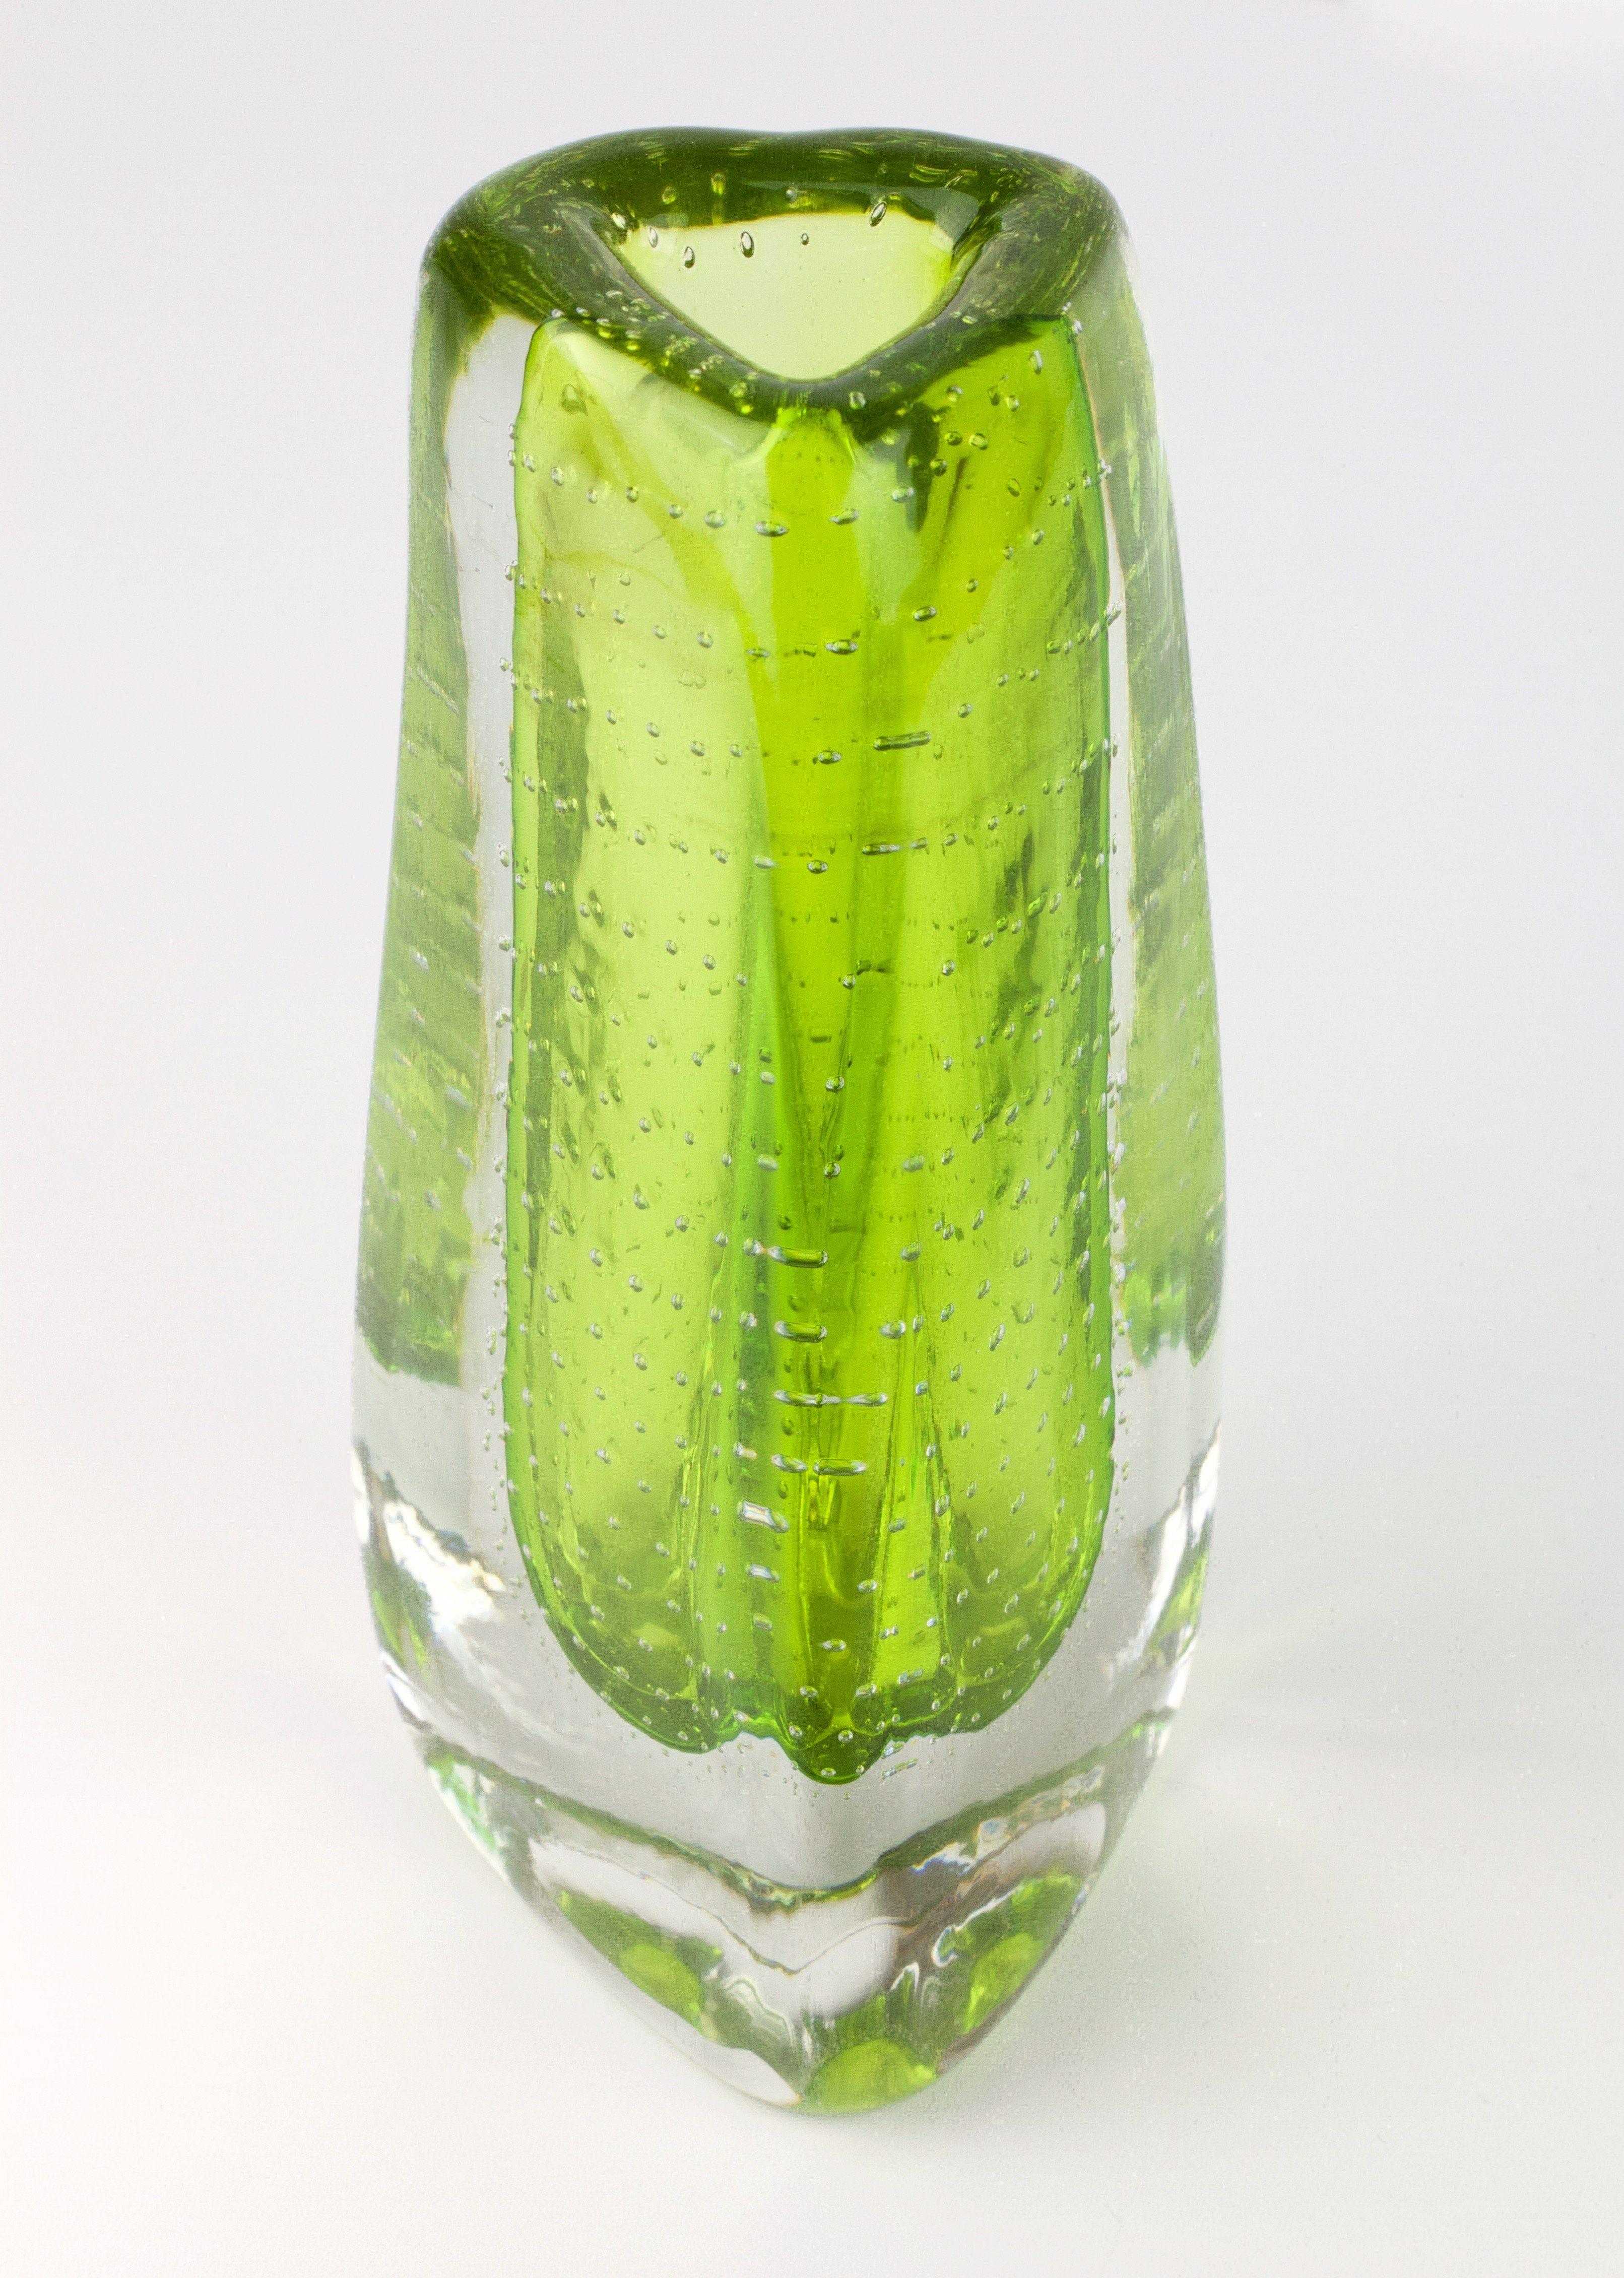 vintage clear glass flower vases of 35 antique green glass vases the weekly world in 35 antique green glass vases